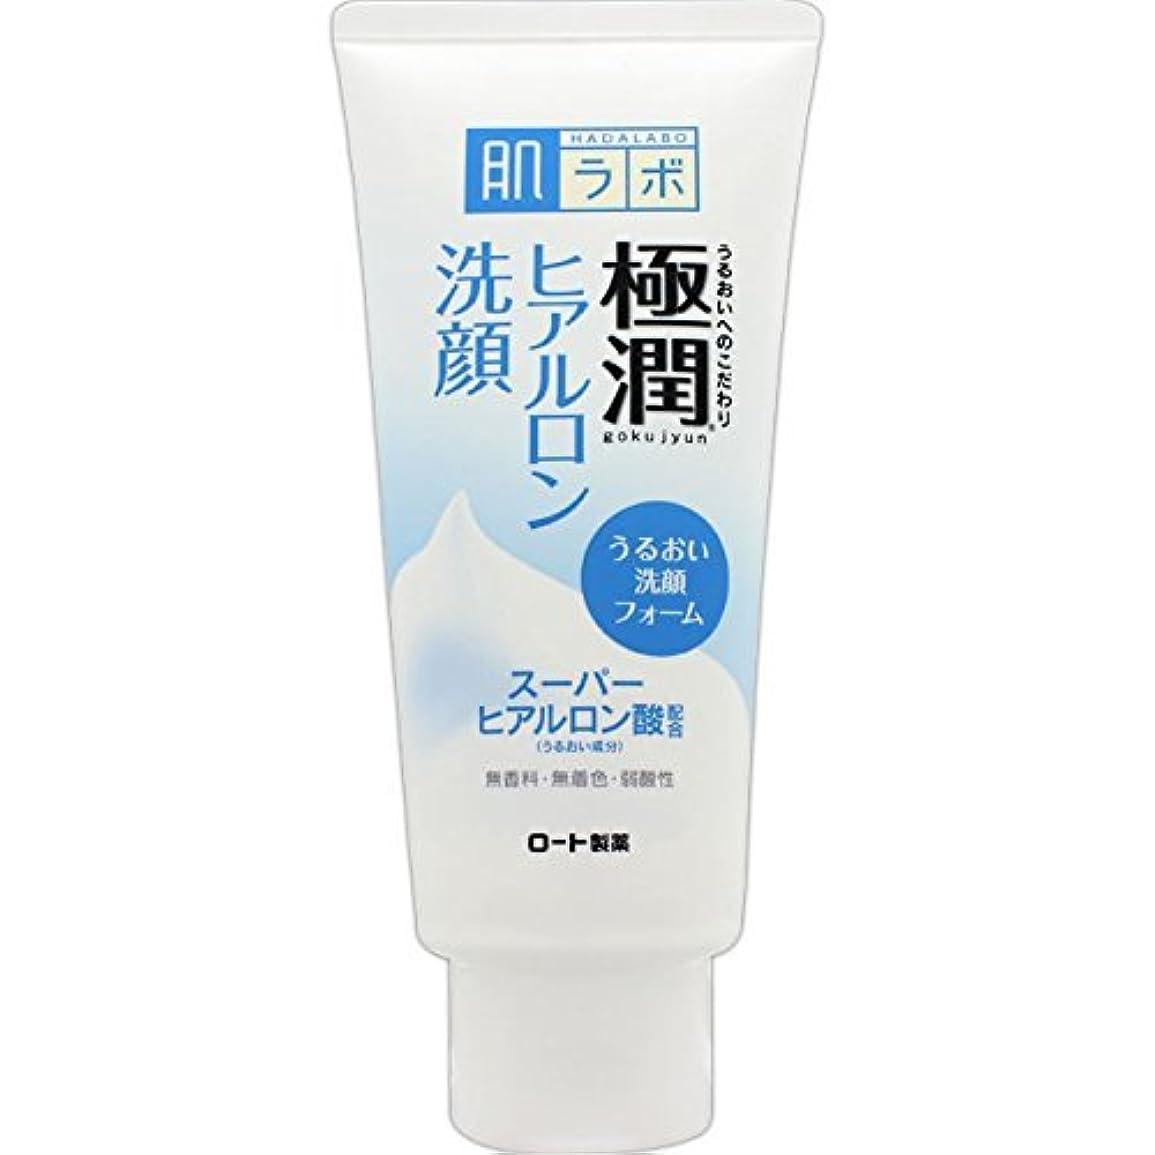 土敏感な想定肌ラボ 極潤 ヒアルロン洗顔フォーム 100g